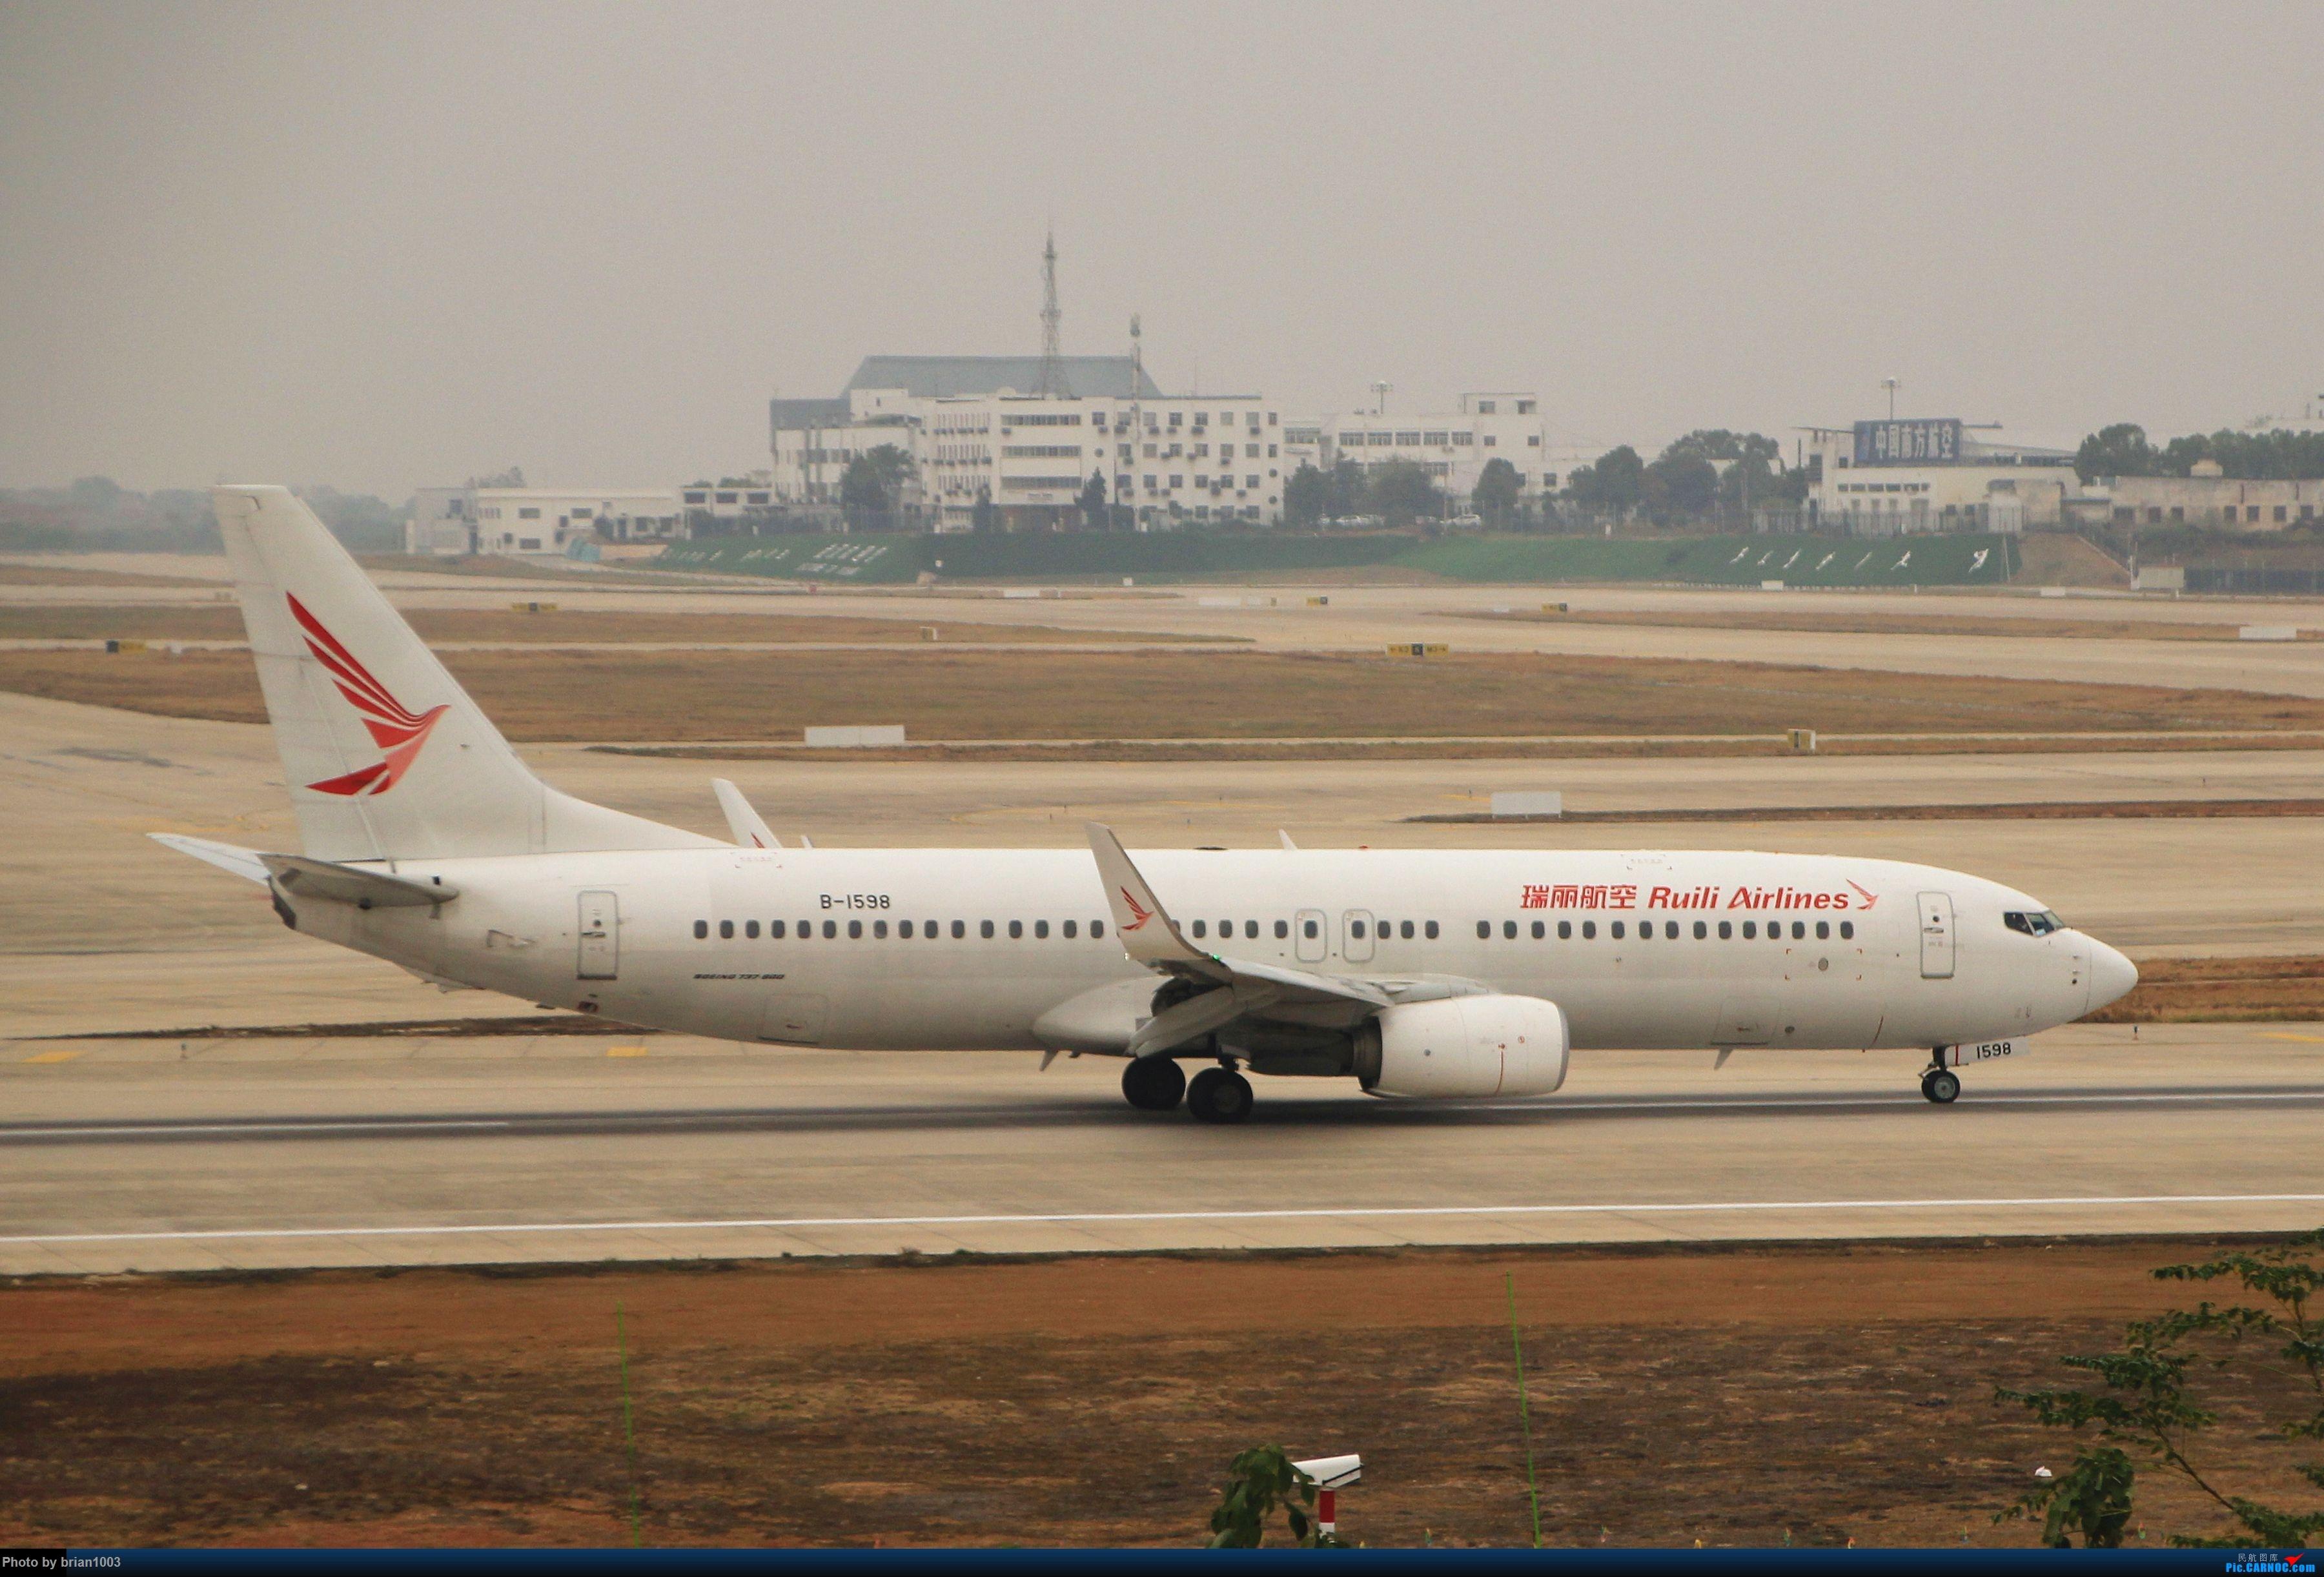 Re:[原创]WUH武汉天河机场拍机之精彩满满的十月(还可能更新) BOEING 737-800 B-1598 中国武汉天河国际机场